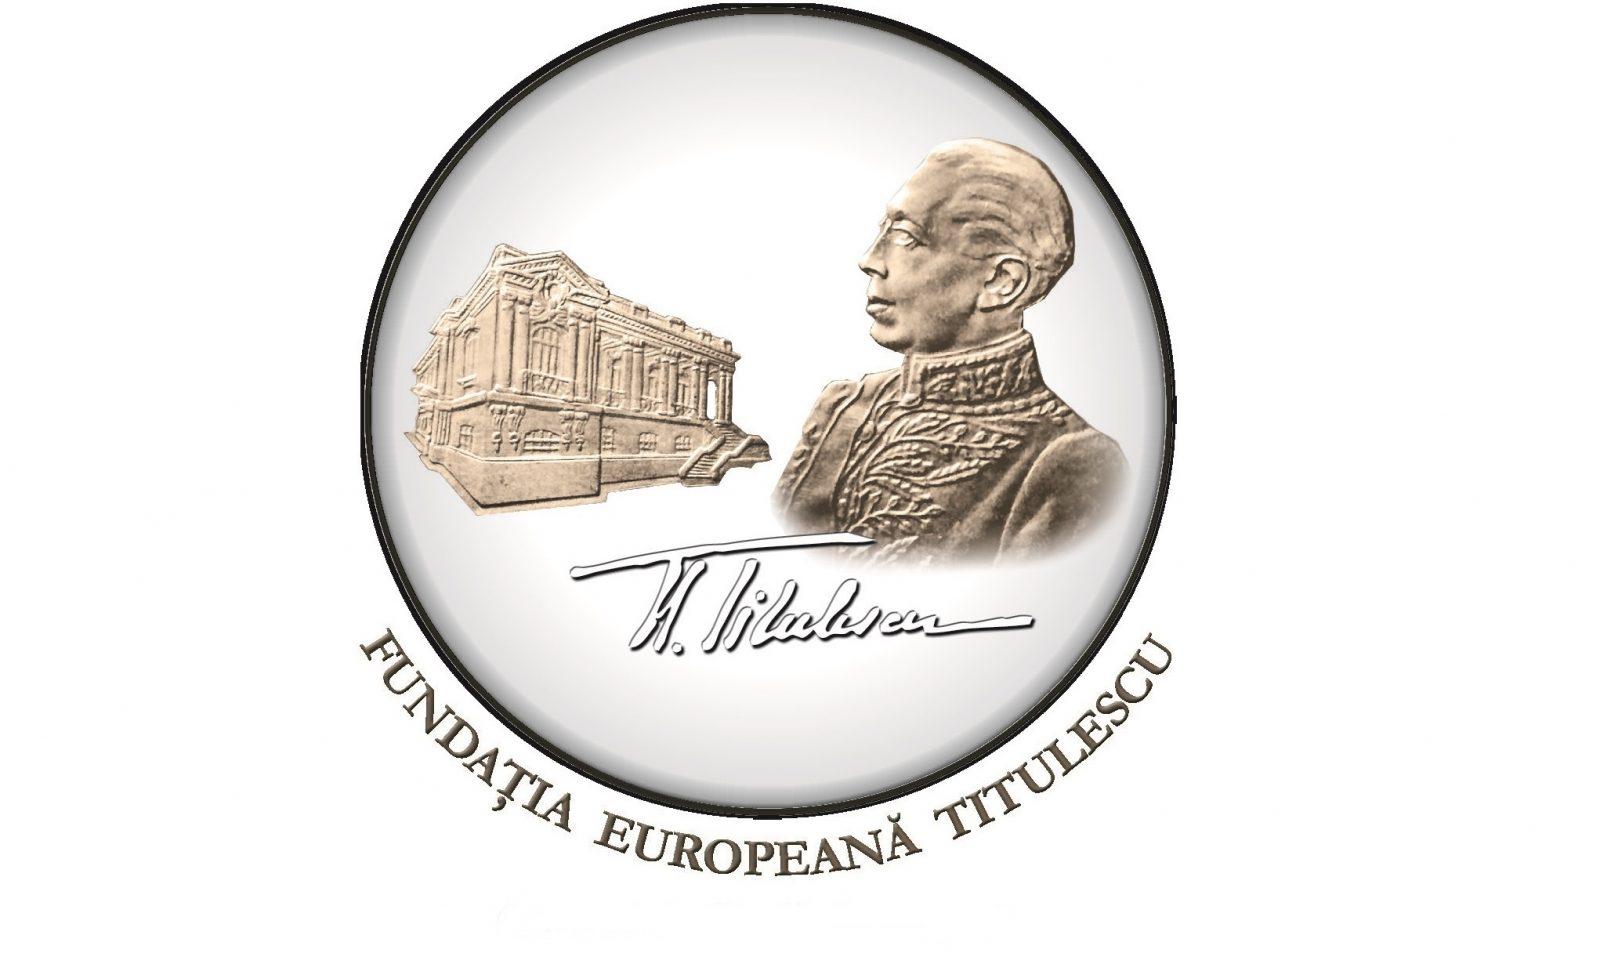 Raportul de activitate al Fundației Europene Titulescu pentru perioada 1 decembrie 2011 – 15 septembrie 2015